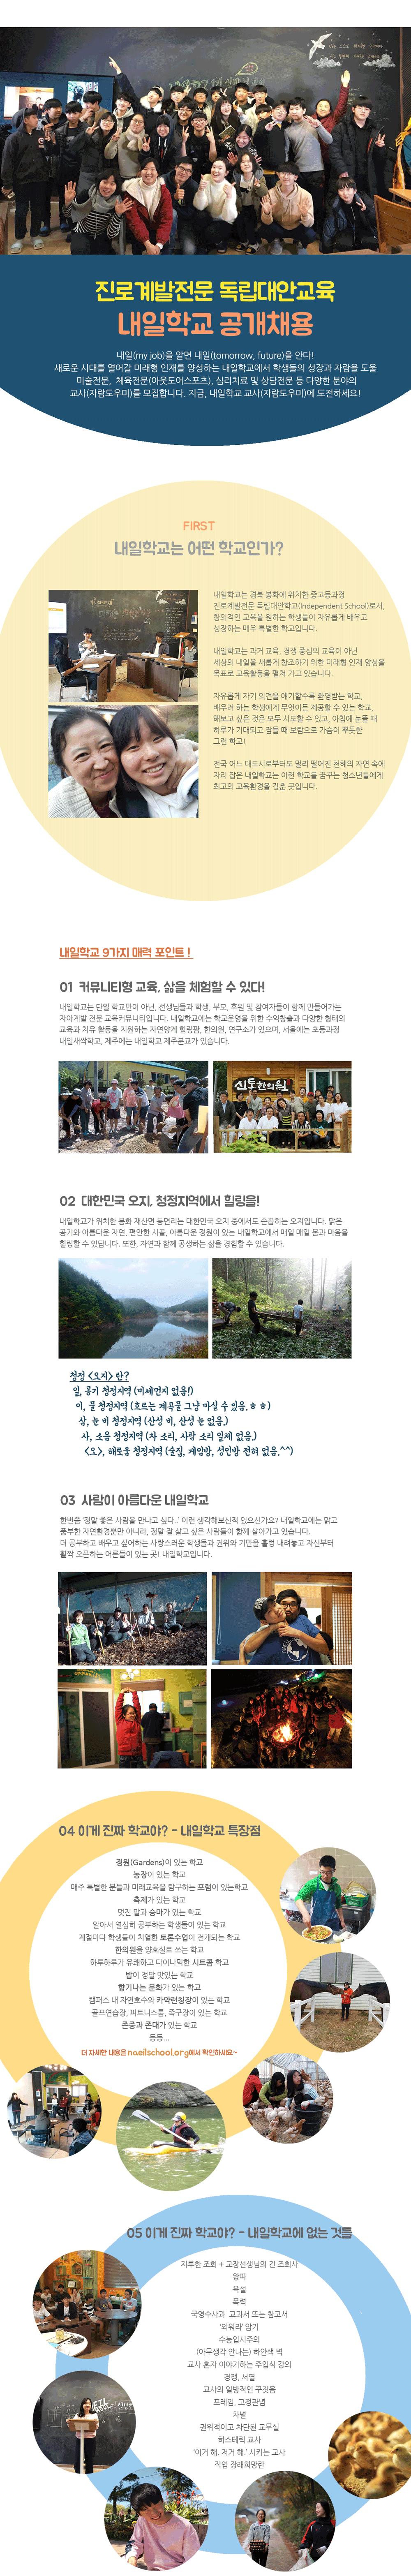 내일학교-채용공고_내일학교소개(자람도우미)_1.png